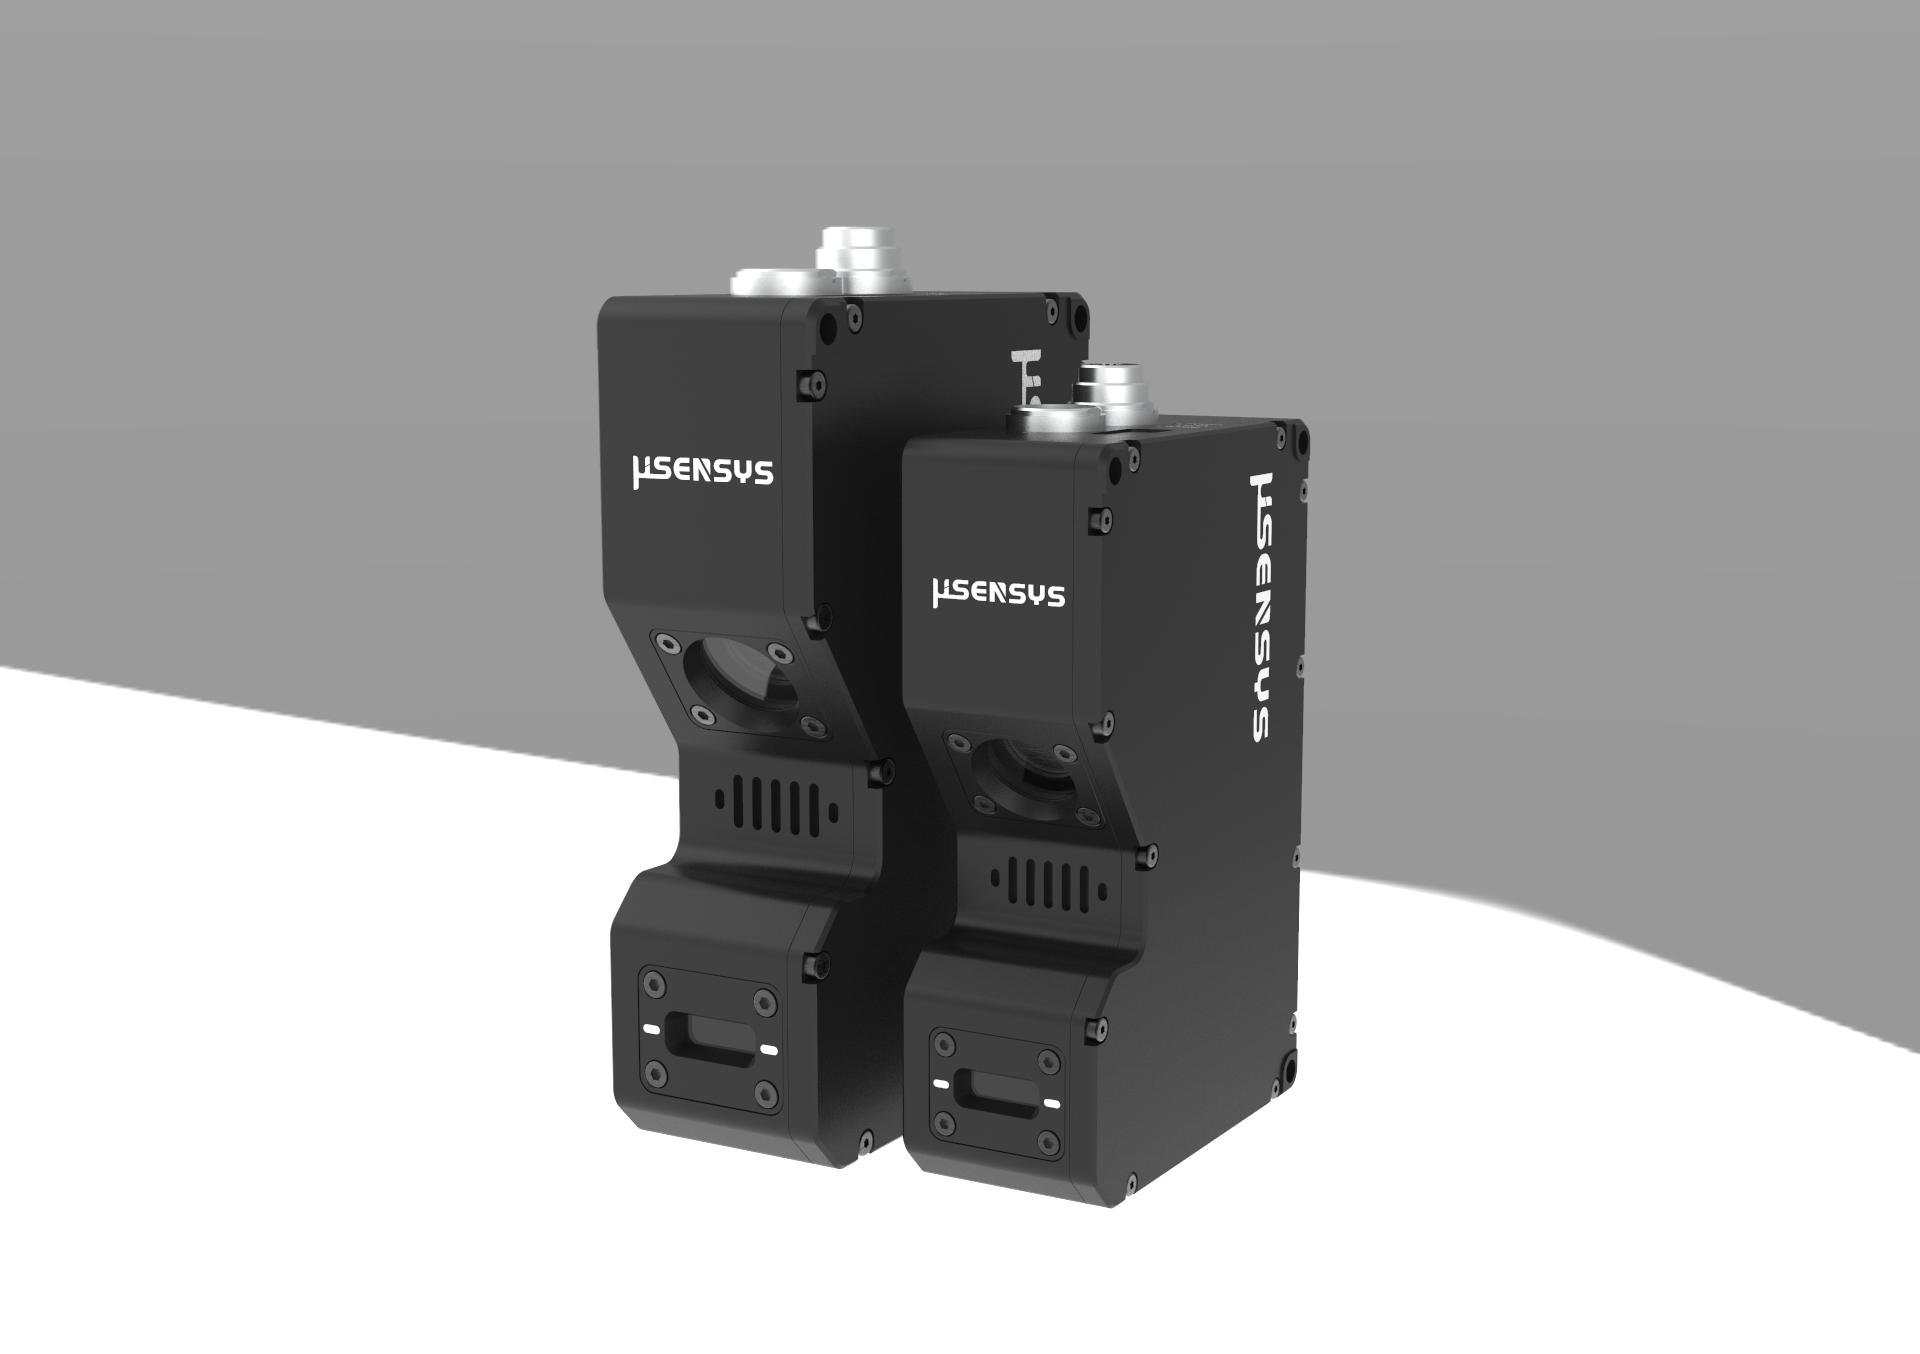 应用于工业场景下的3D 测量和控制。